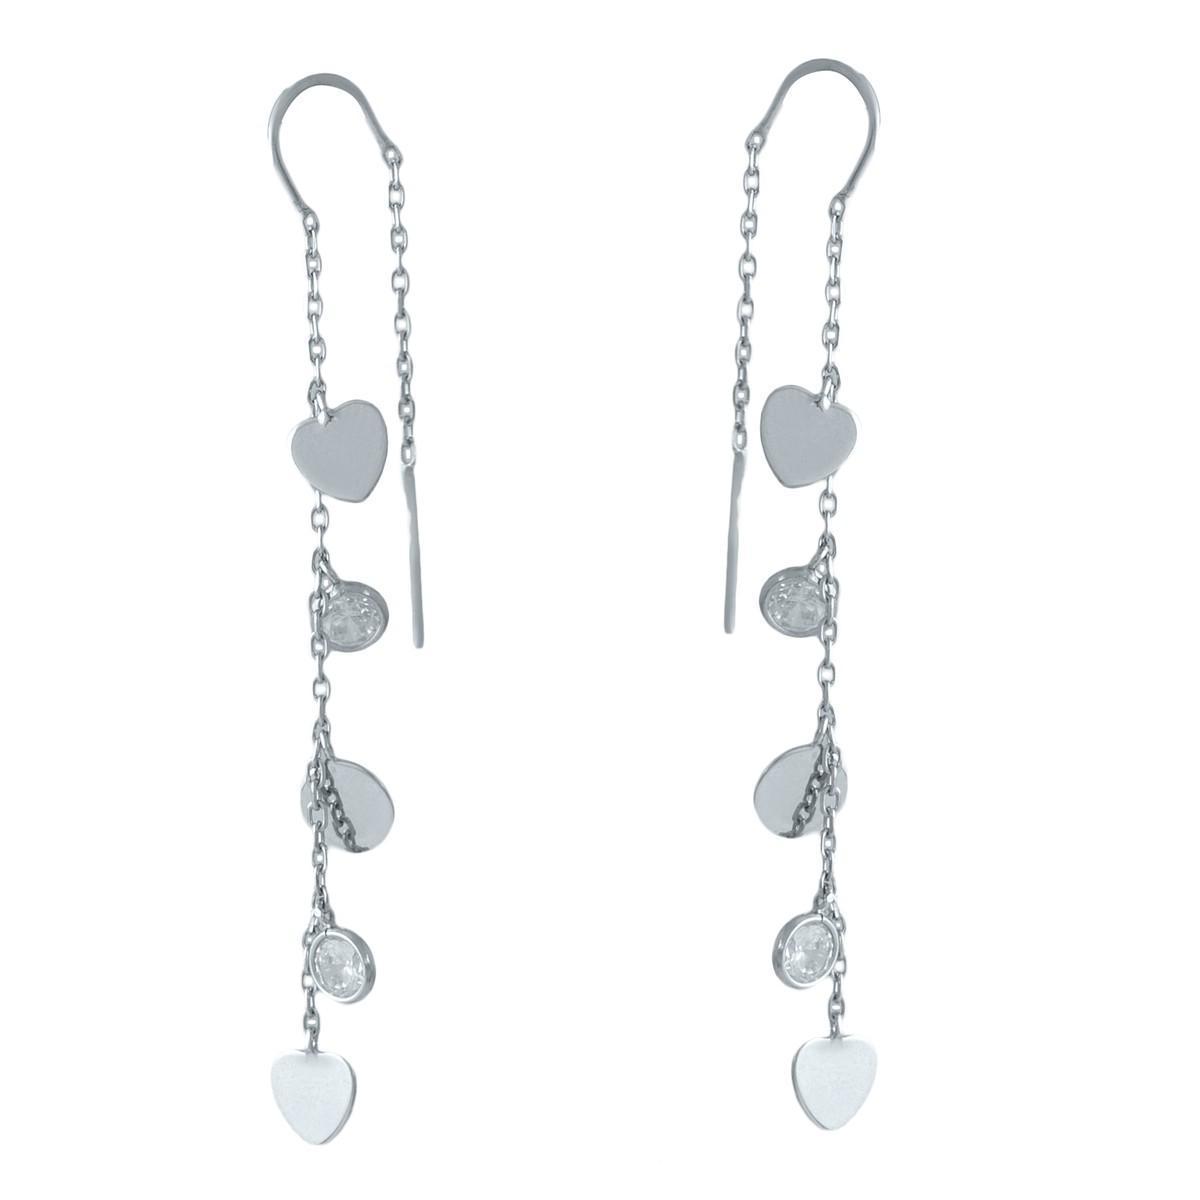 Срібні сережки pSilverAlex з фіанітами (1983058)